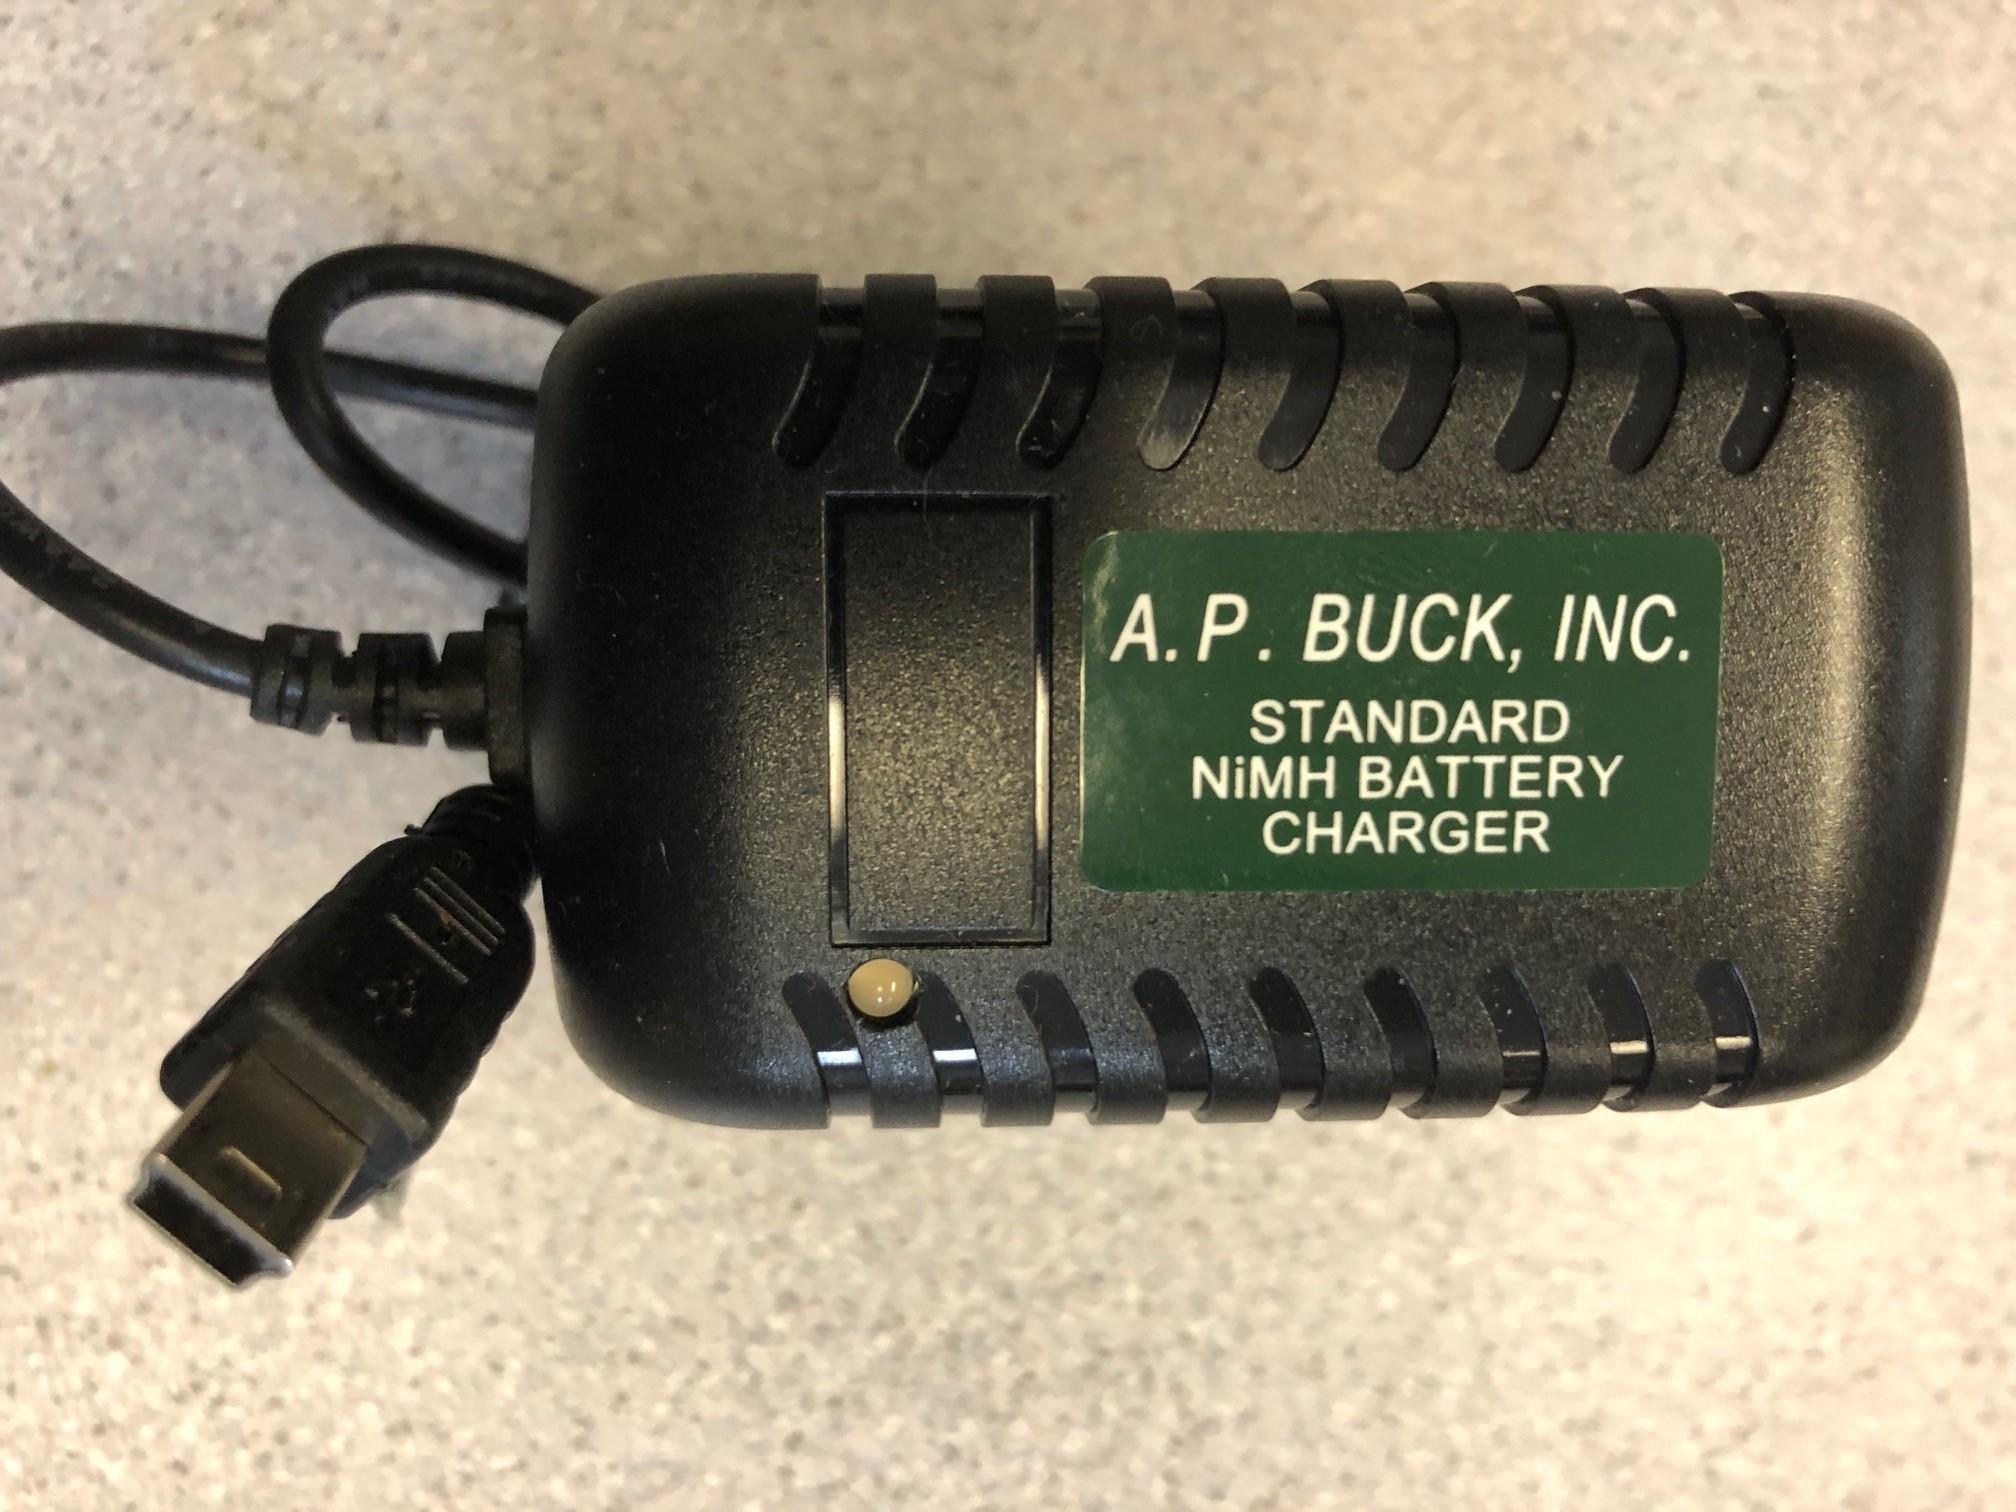 Standard Smart NiMH Charger with USB Mini B Plug 120 VAC